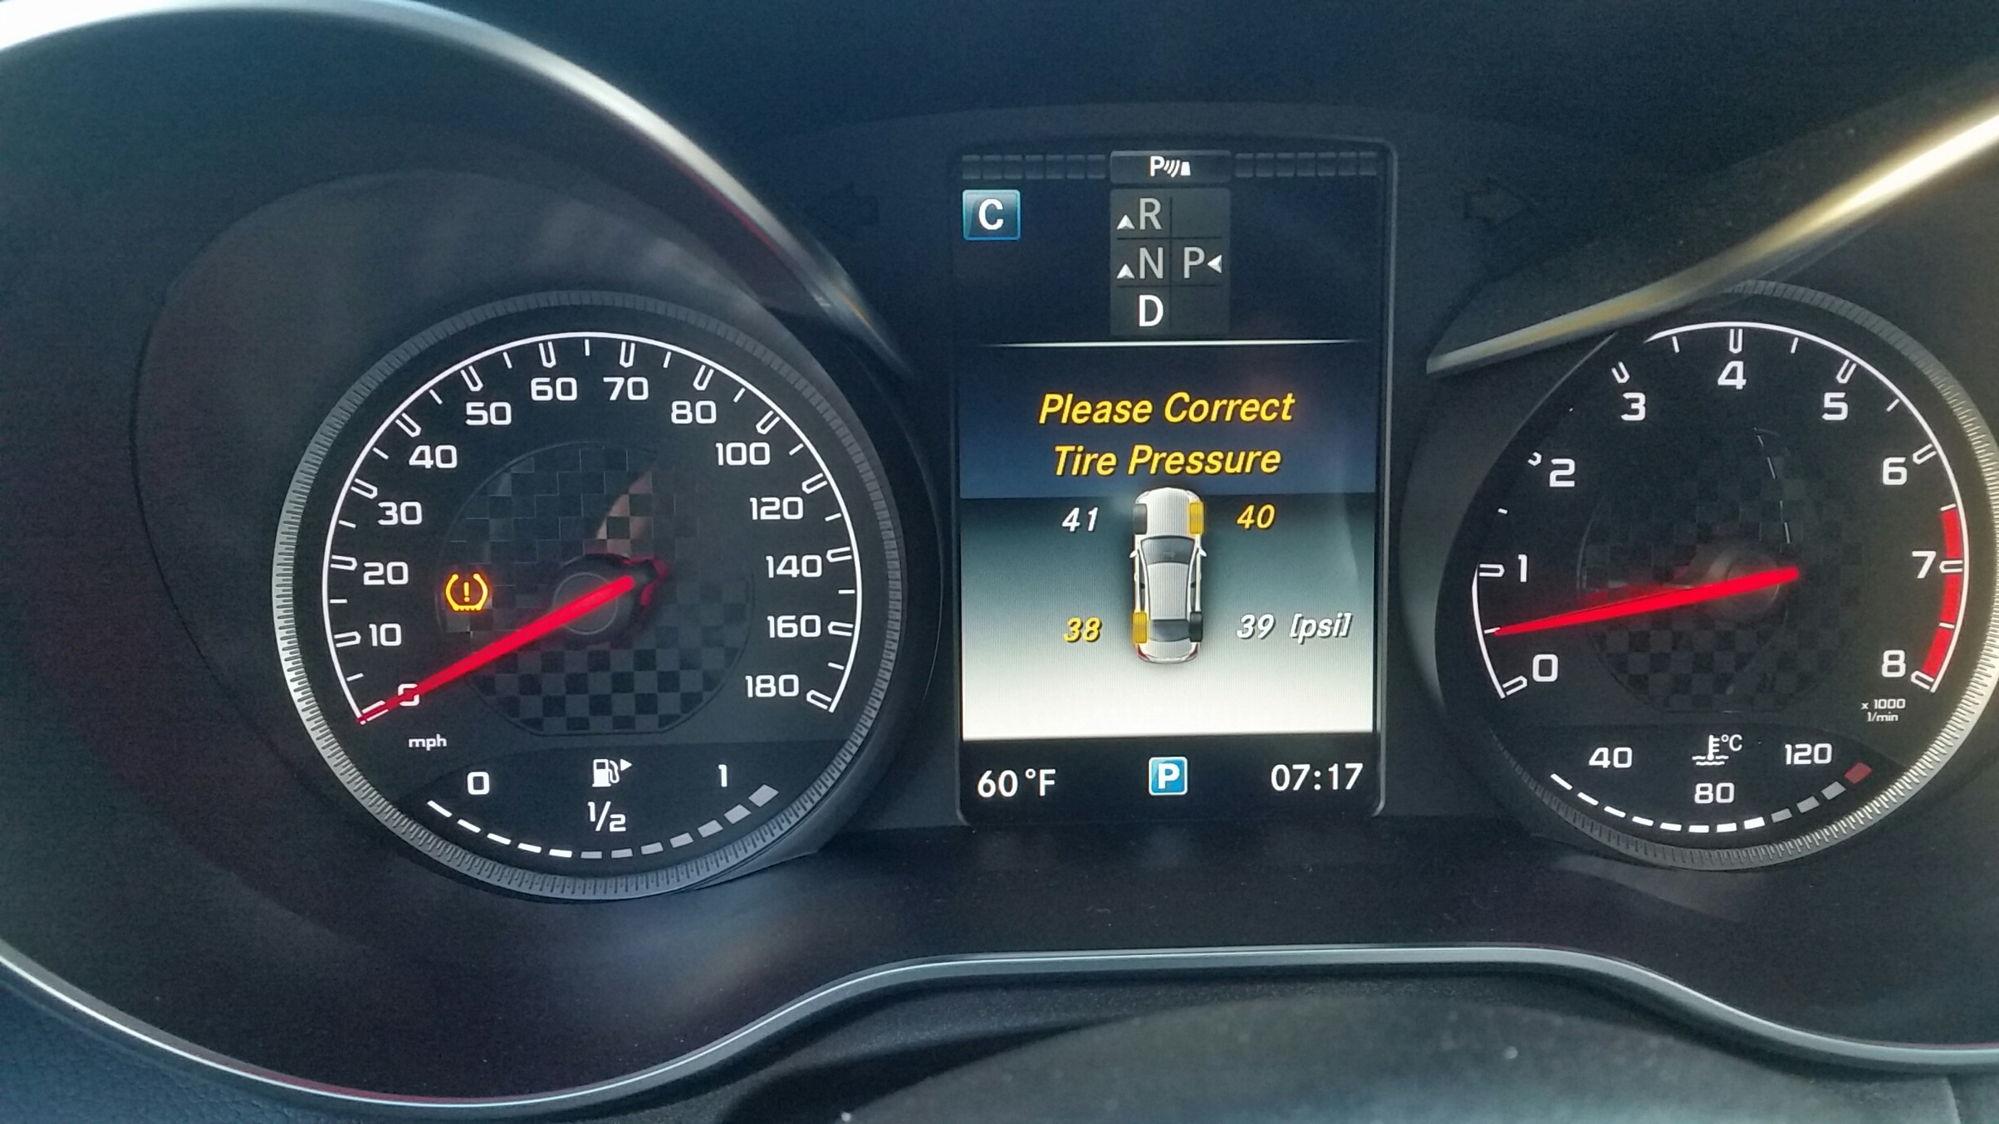 Mercedes benz c300 tire pressure sensor fiat world test for Mercedes benz c300 tire pressure